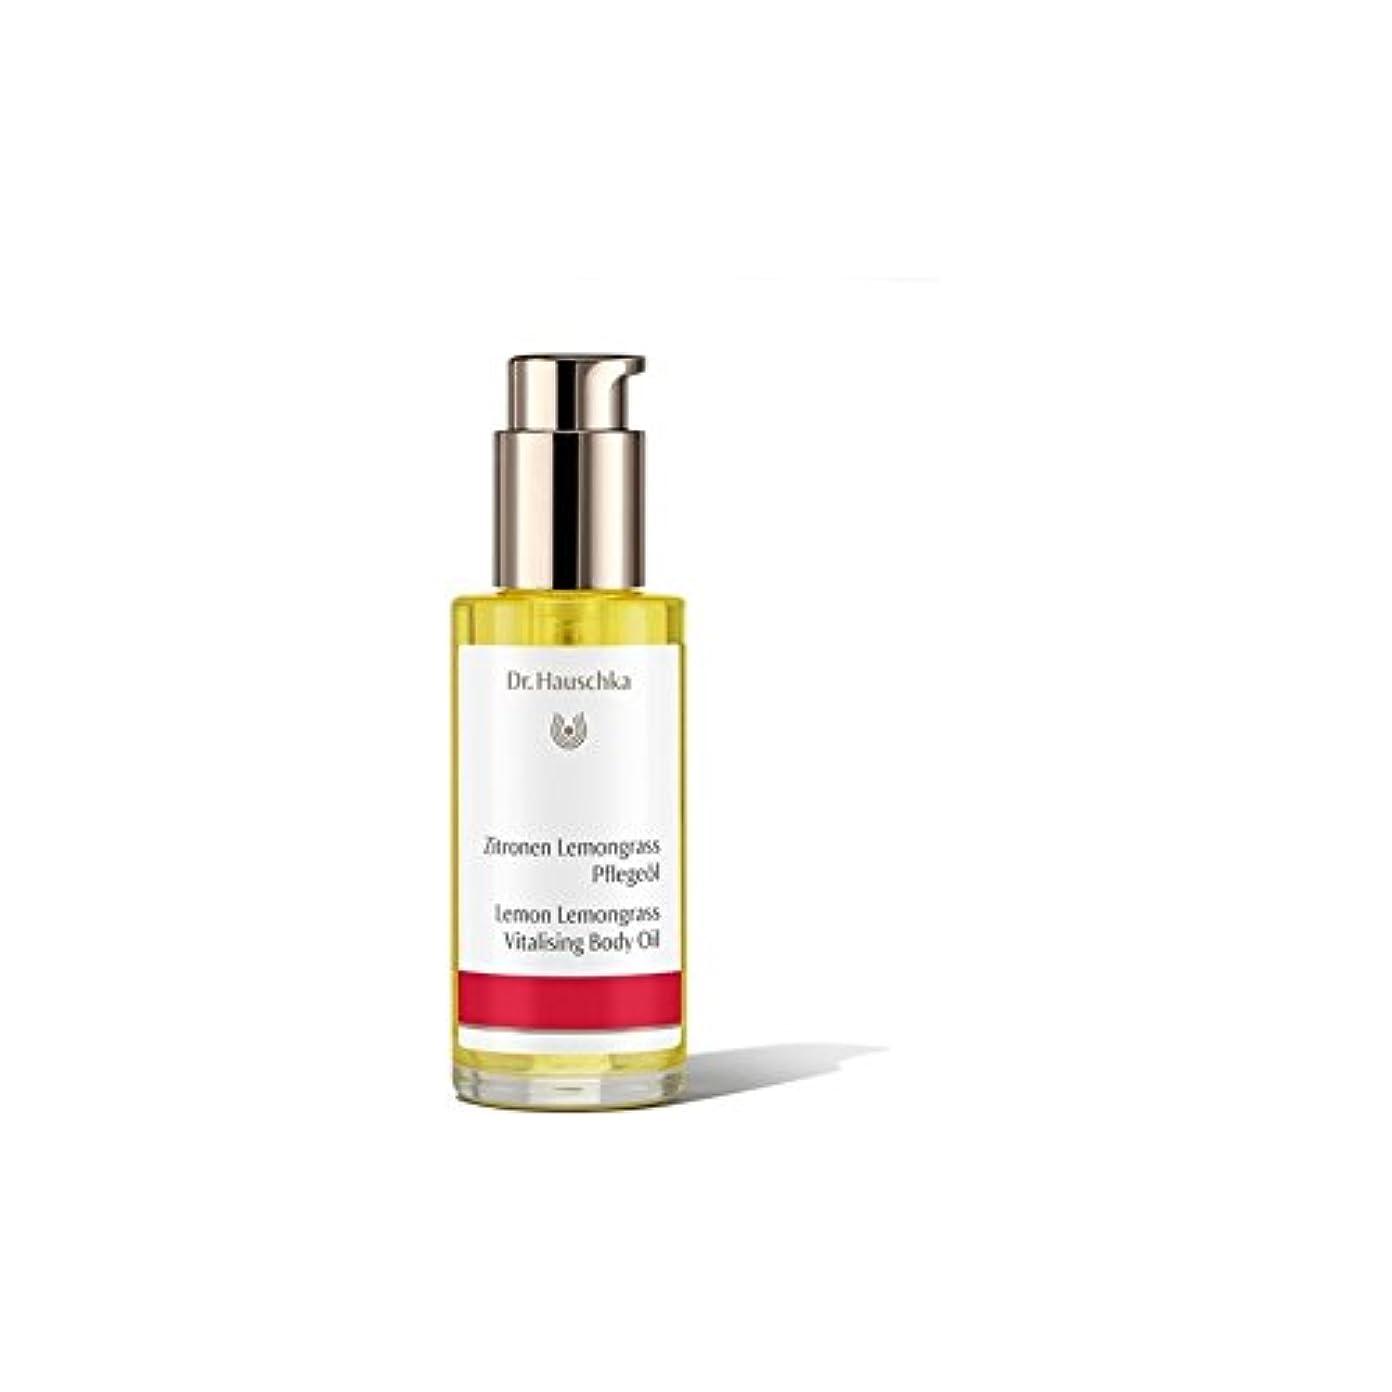 ハウシュカレモンレモングラスボディオイル(75ミリリットル) x2 - Dr. Hauschka Lemon Lemongrass Vitalising Body Oil (75ml) (Pack of 2) [並行輸入品]